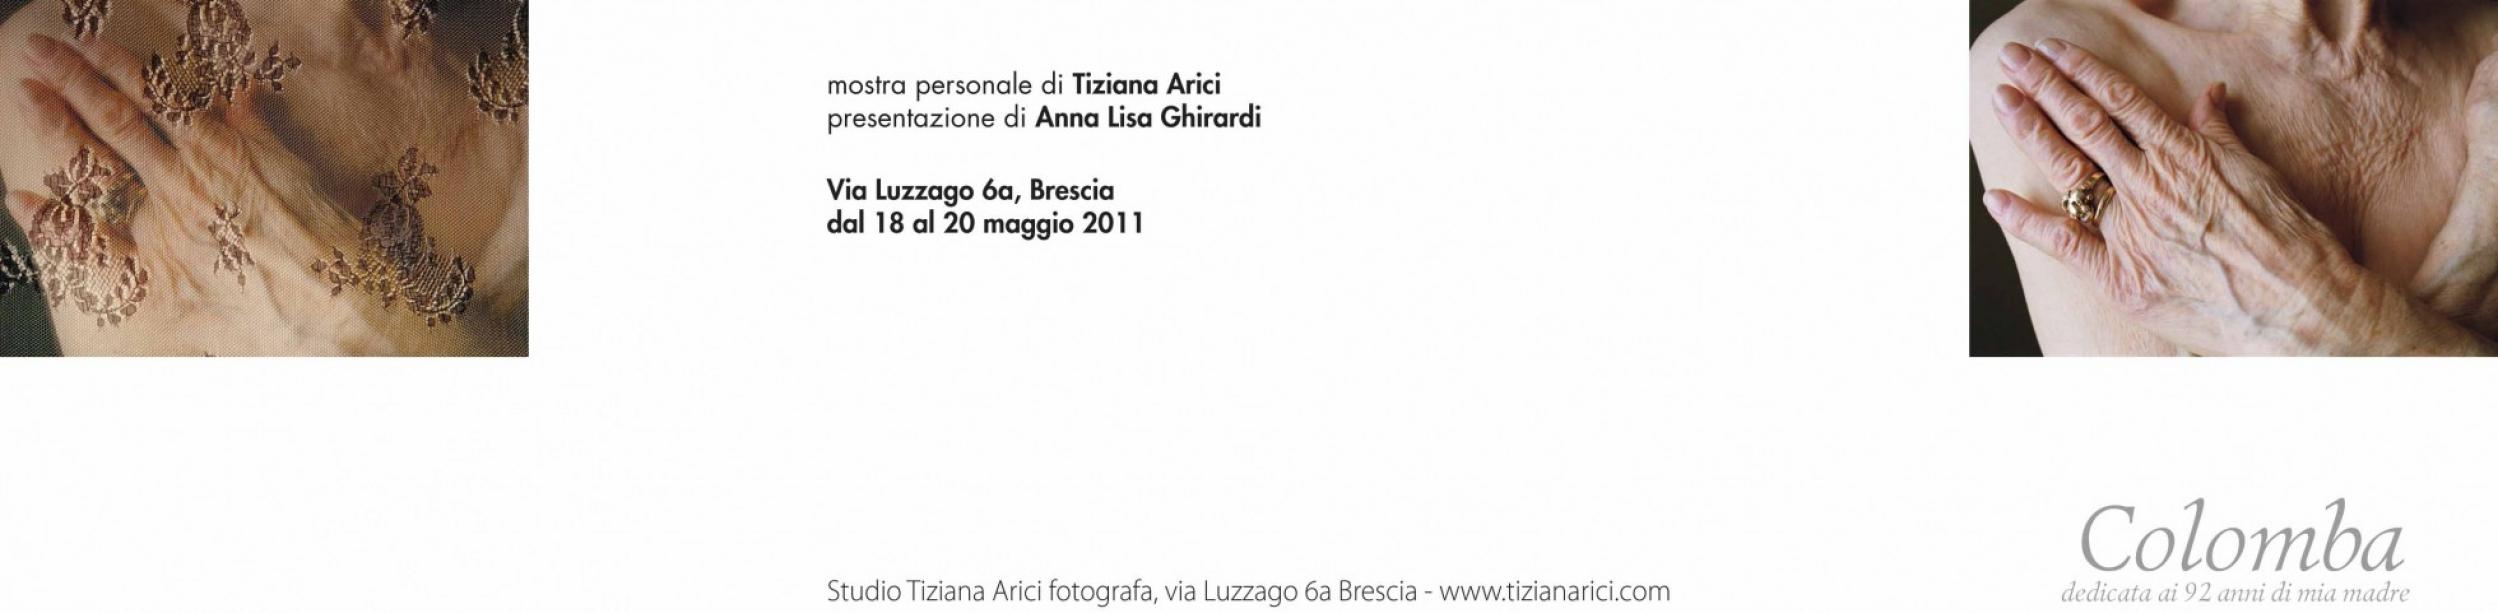 Colomba - Maggio 2012 - brochure mostra